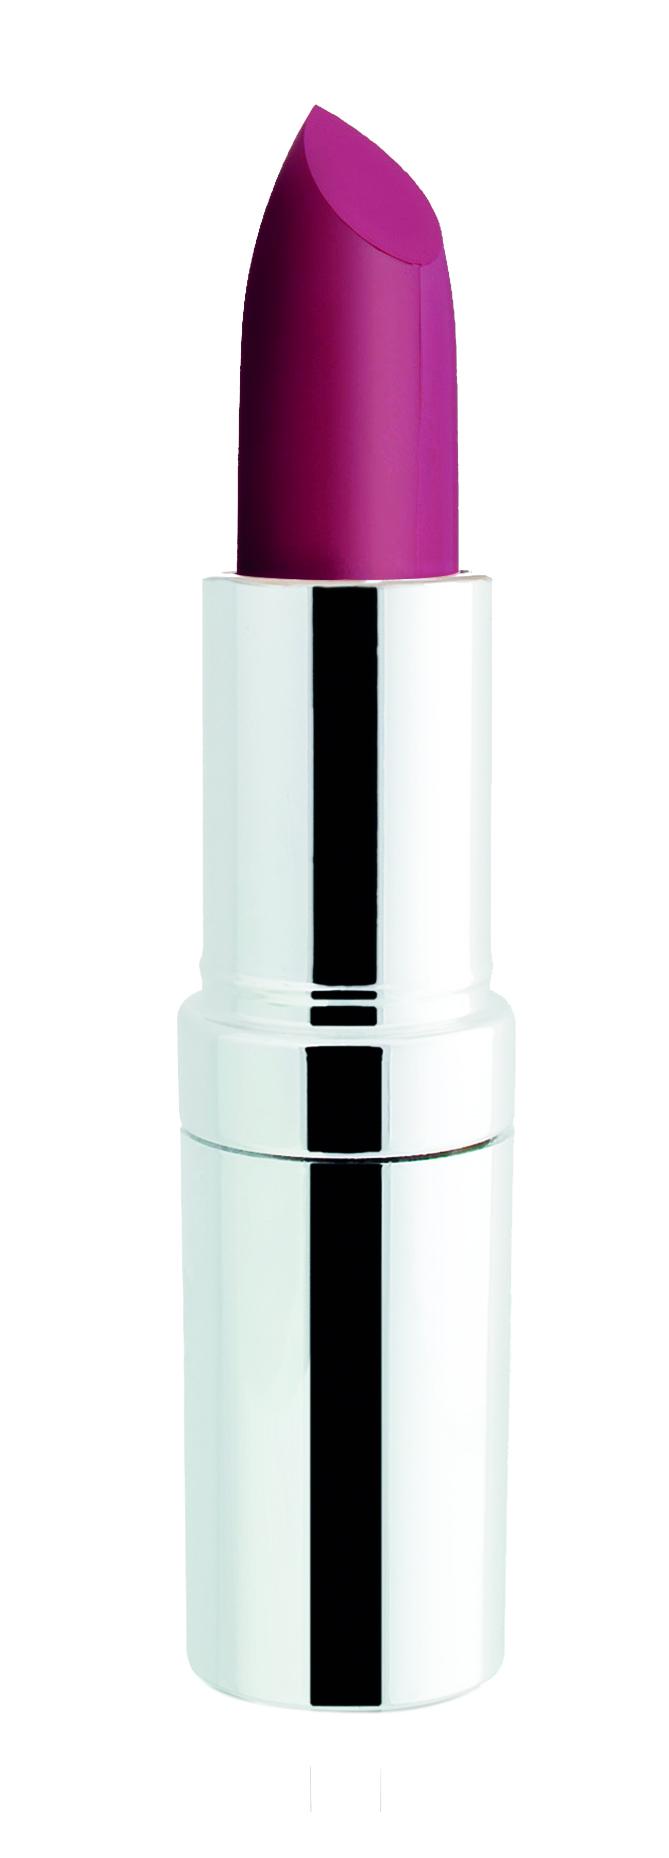 SEVENTEEN Помада губная устойчивая матовая SPF 15, 05 персик / Matte Lasting Lipstick 5 г